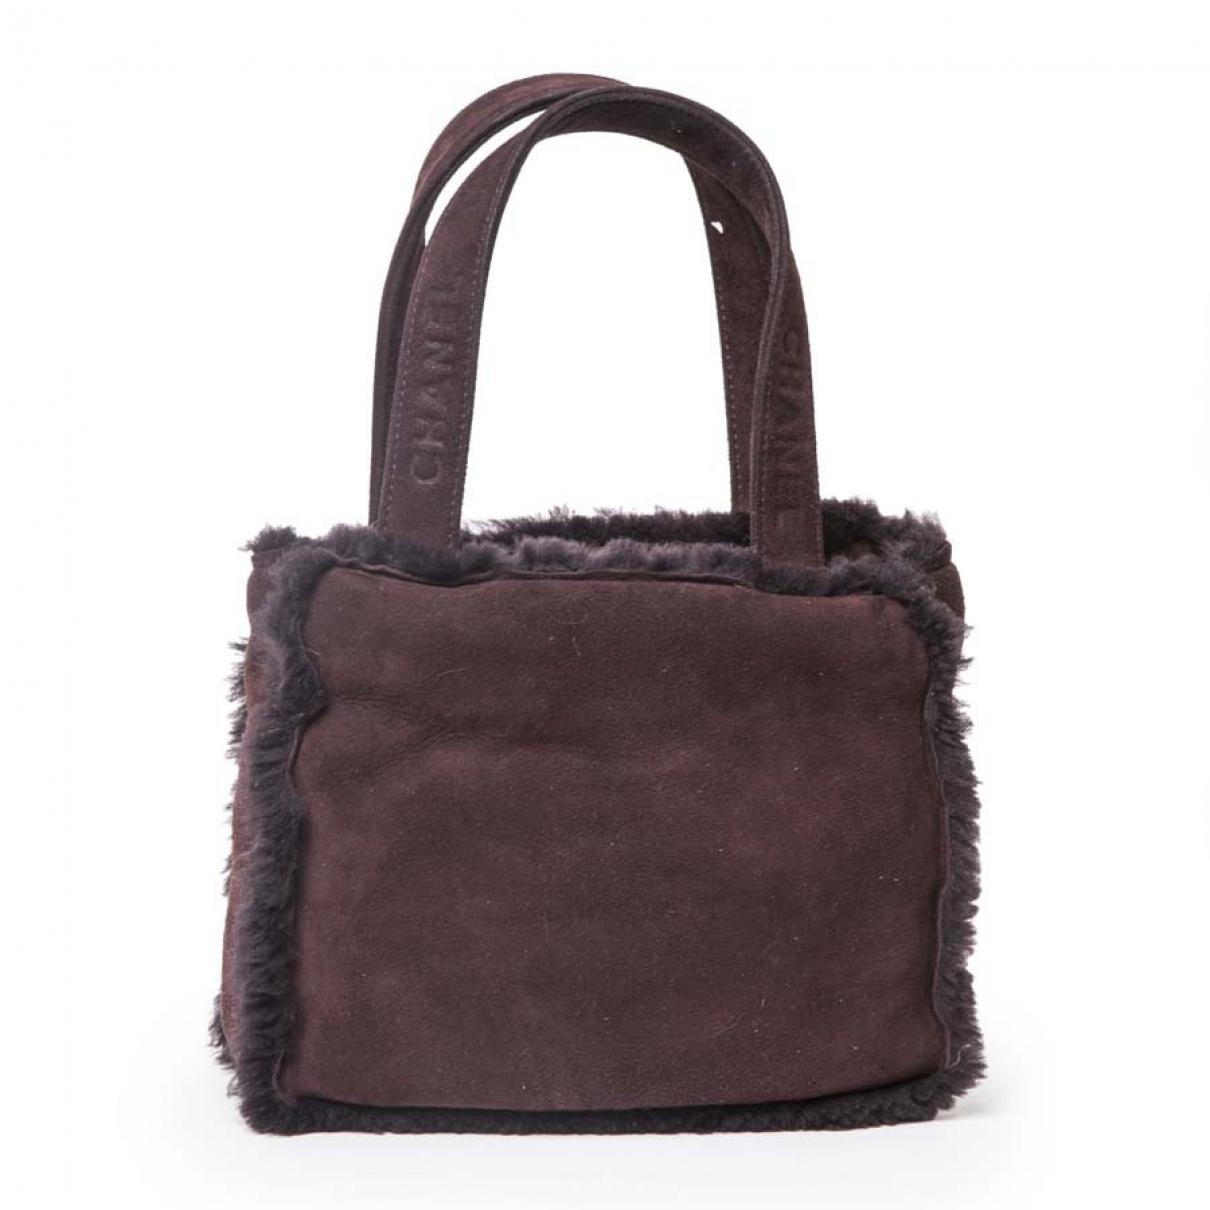 Chanel \N Handtasche in  Braun Schaf